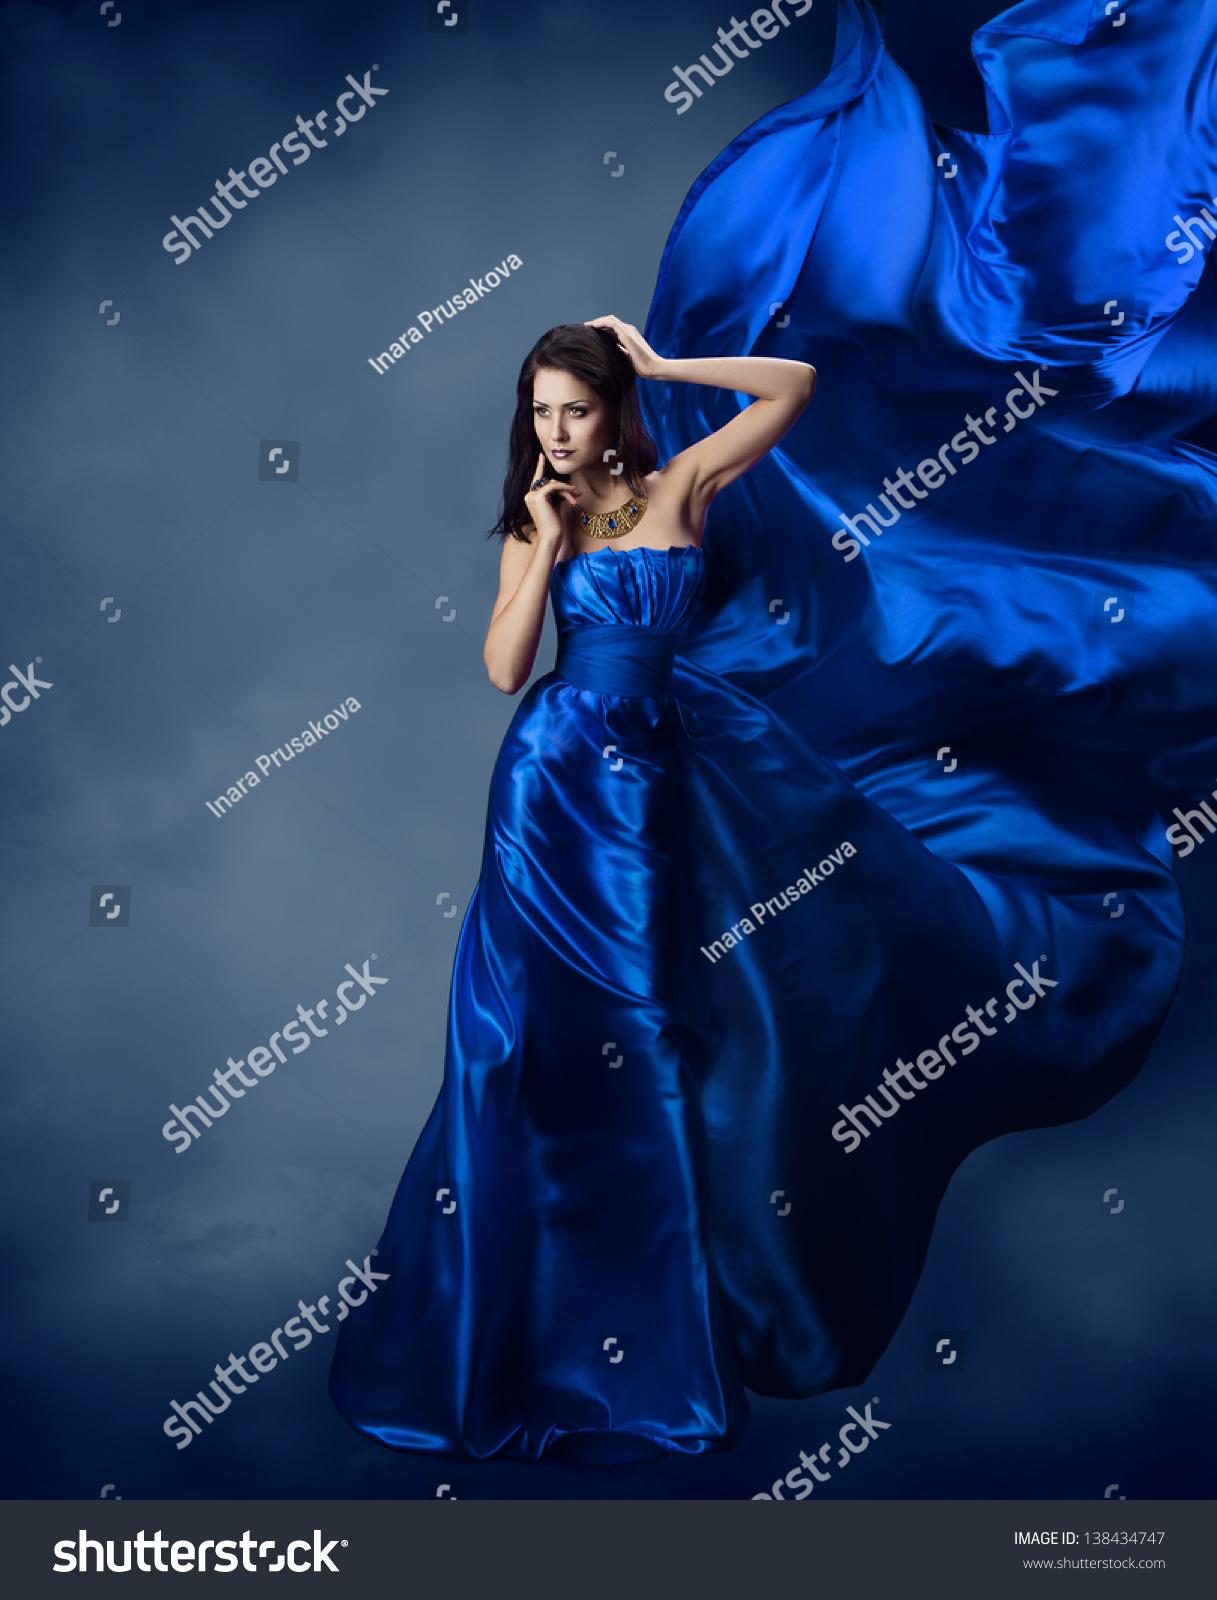 Фото девушек в шёлковых платьях 8 фотография